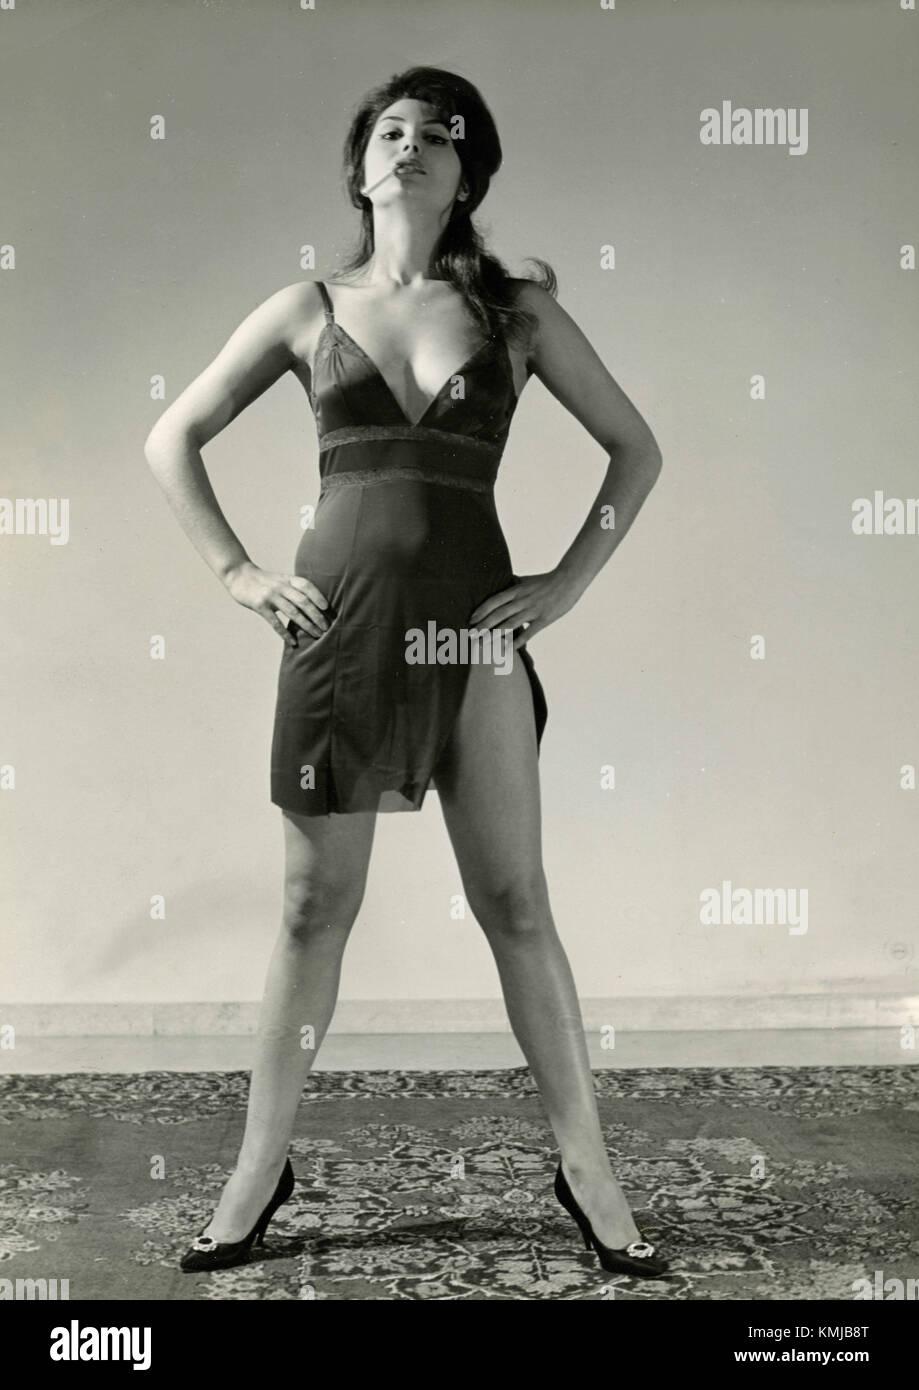 La actriz y modelo de 1960 posando Imagen De Stock